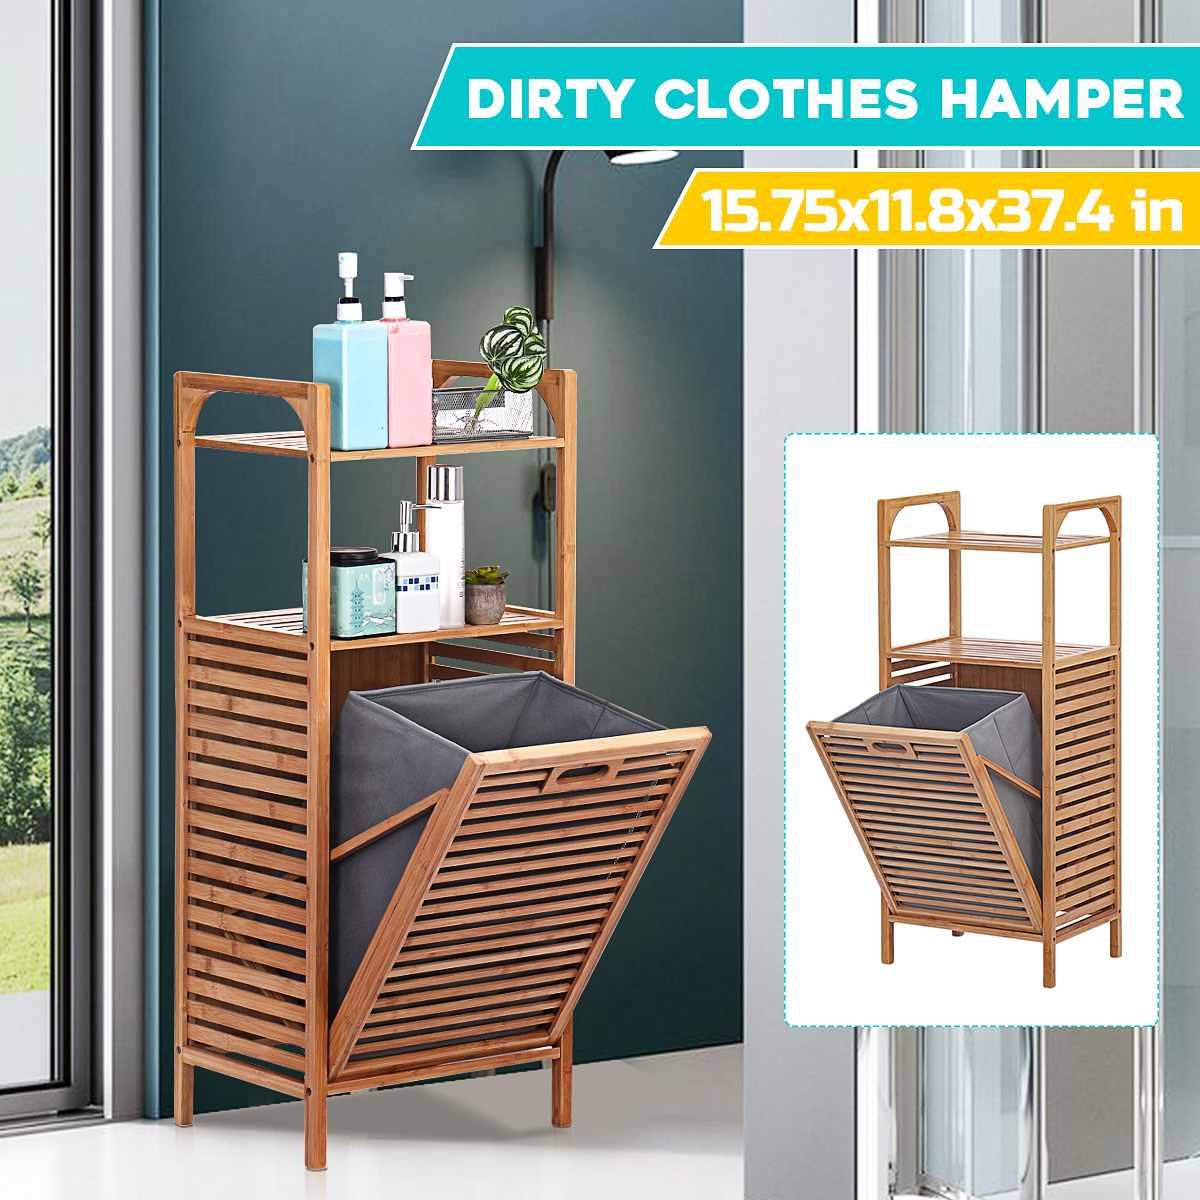 متعددة الوظائف الحمام يعيق الملابس القذرة Cothes تخزين سلة الغسيل القذرة المنظم رف حمام إطار الغسيل الخيزران